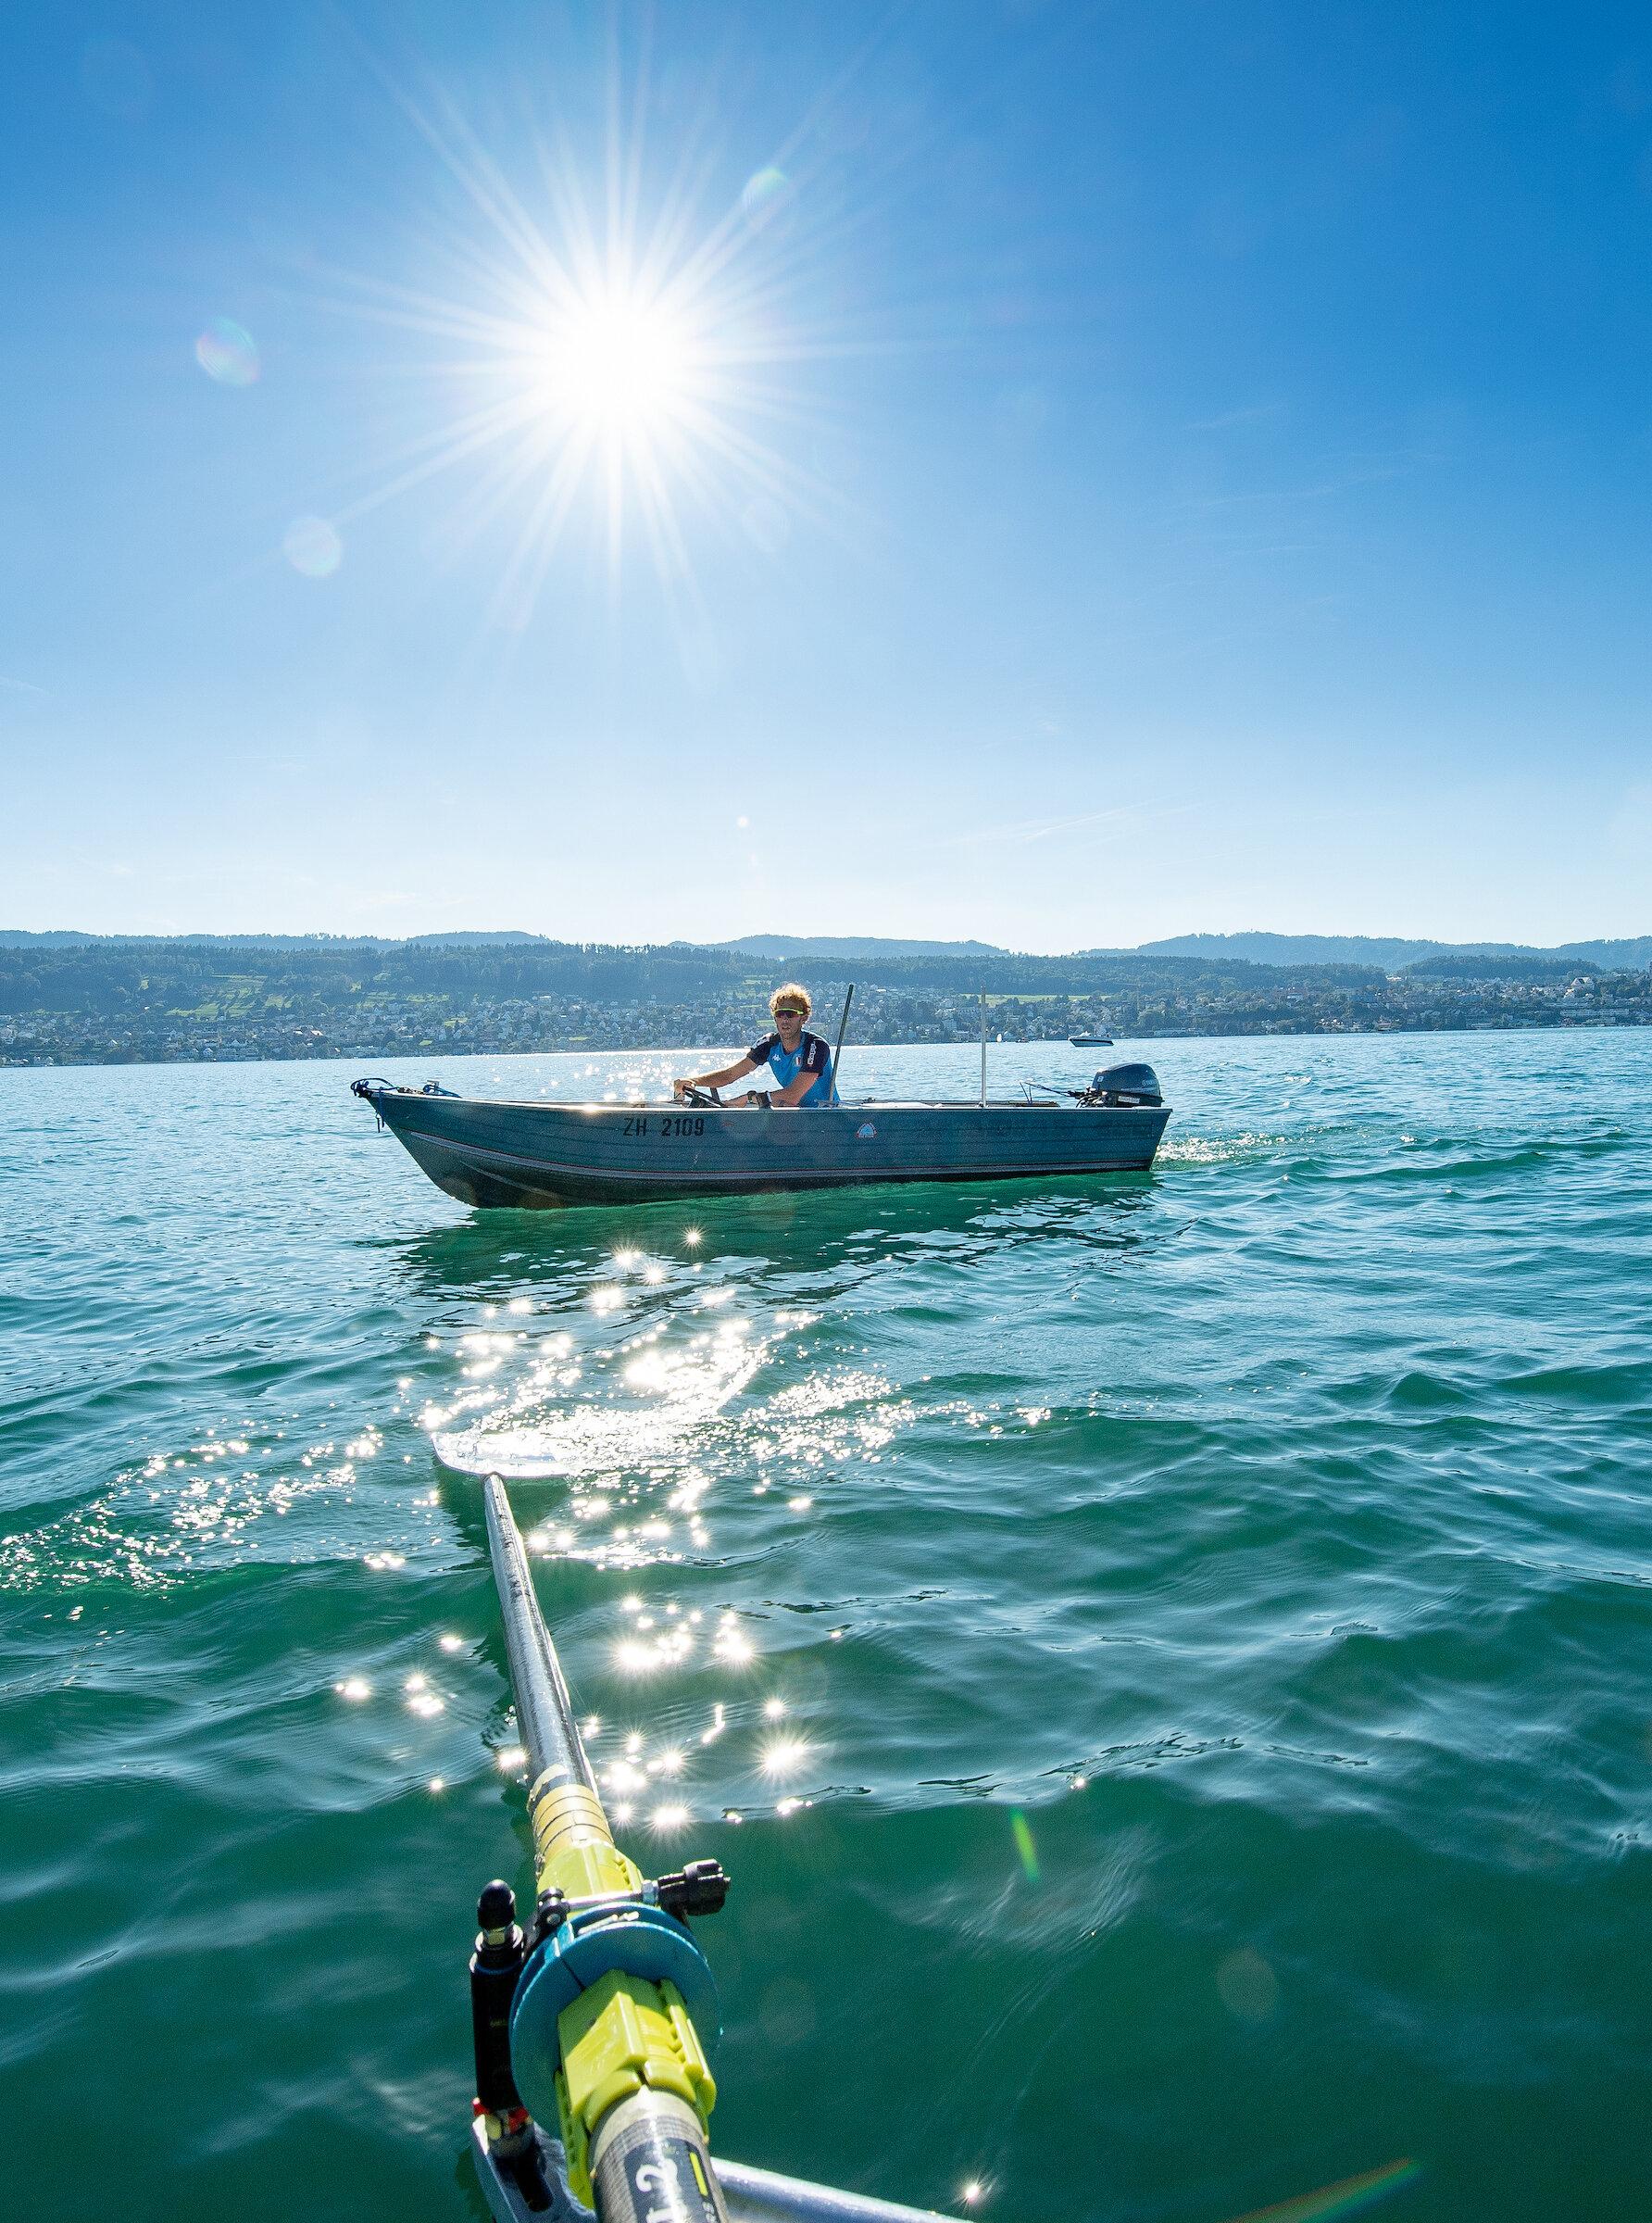 Anleitung aus dem begleitenden Trainerboot